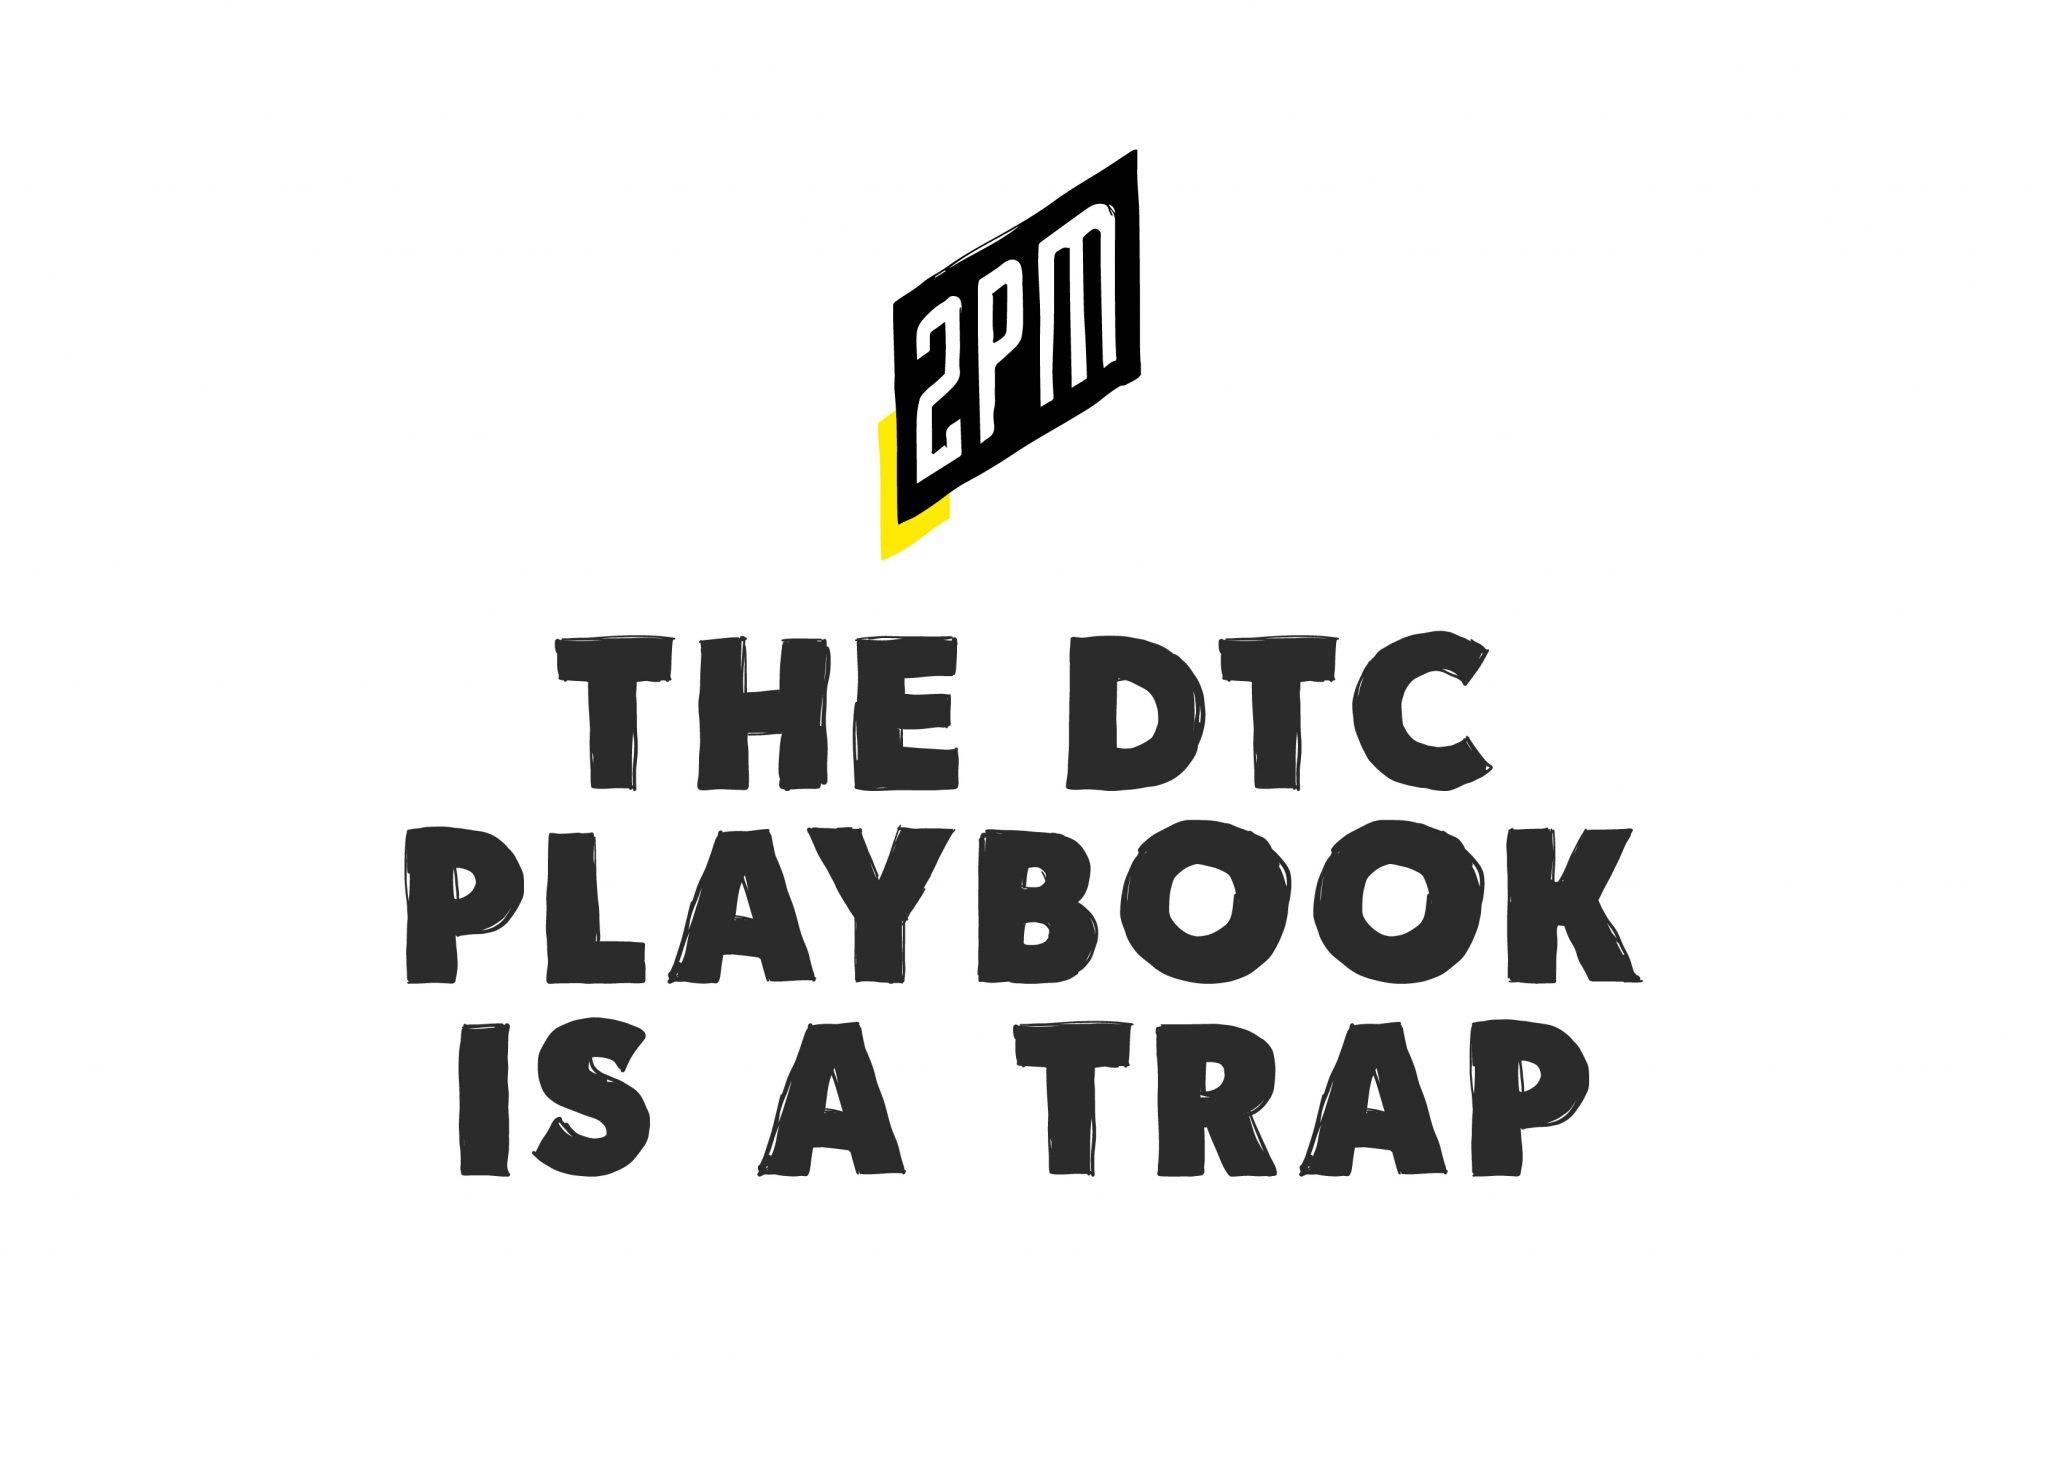 dtcplaybooktrap.jpg